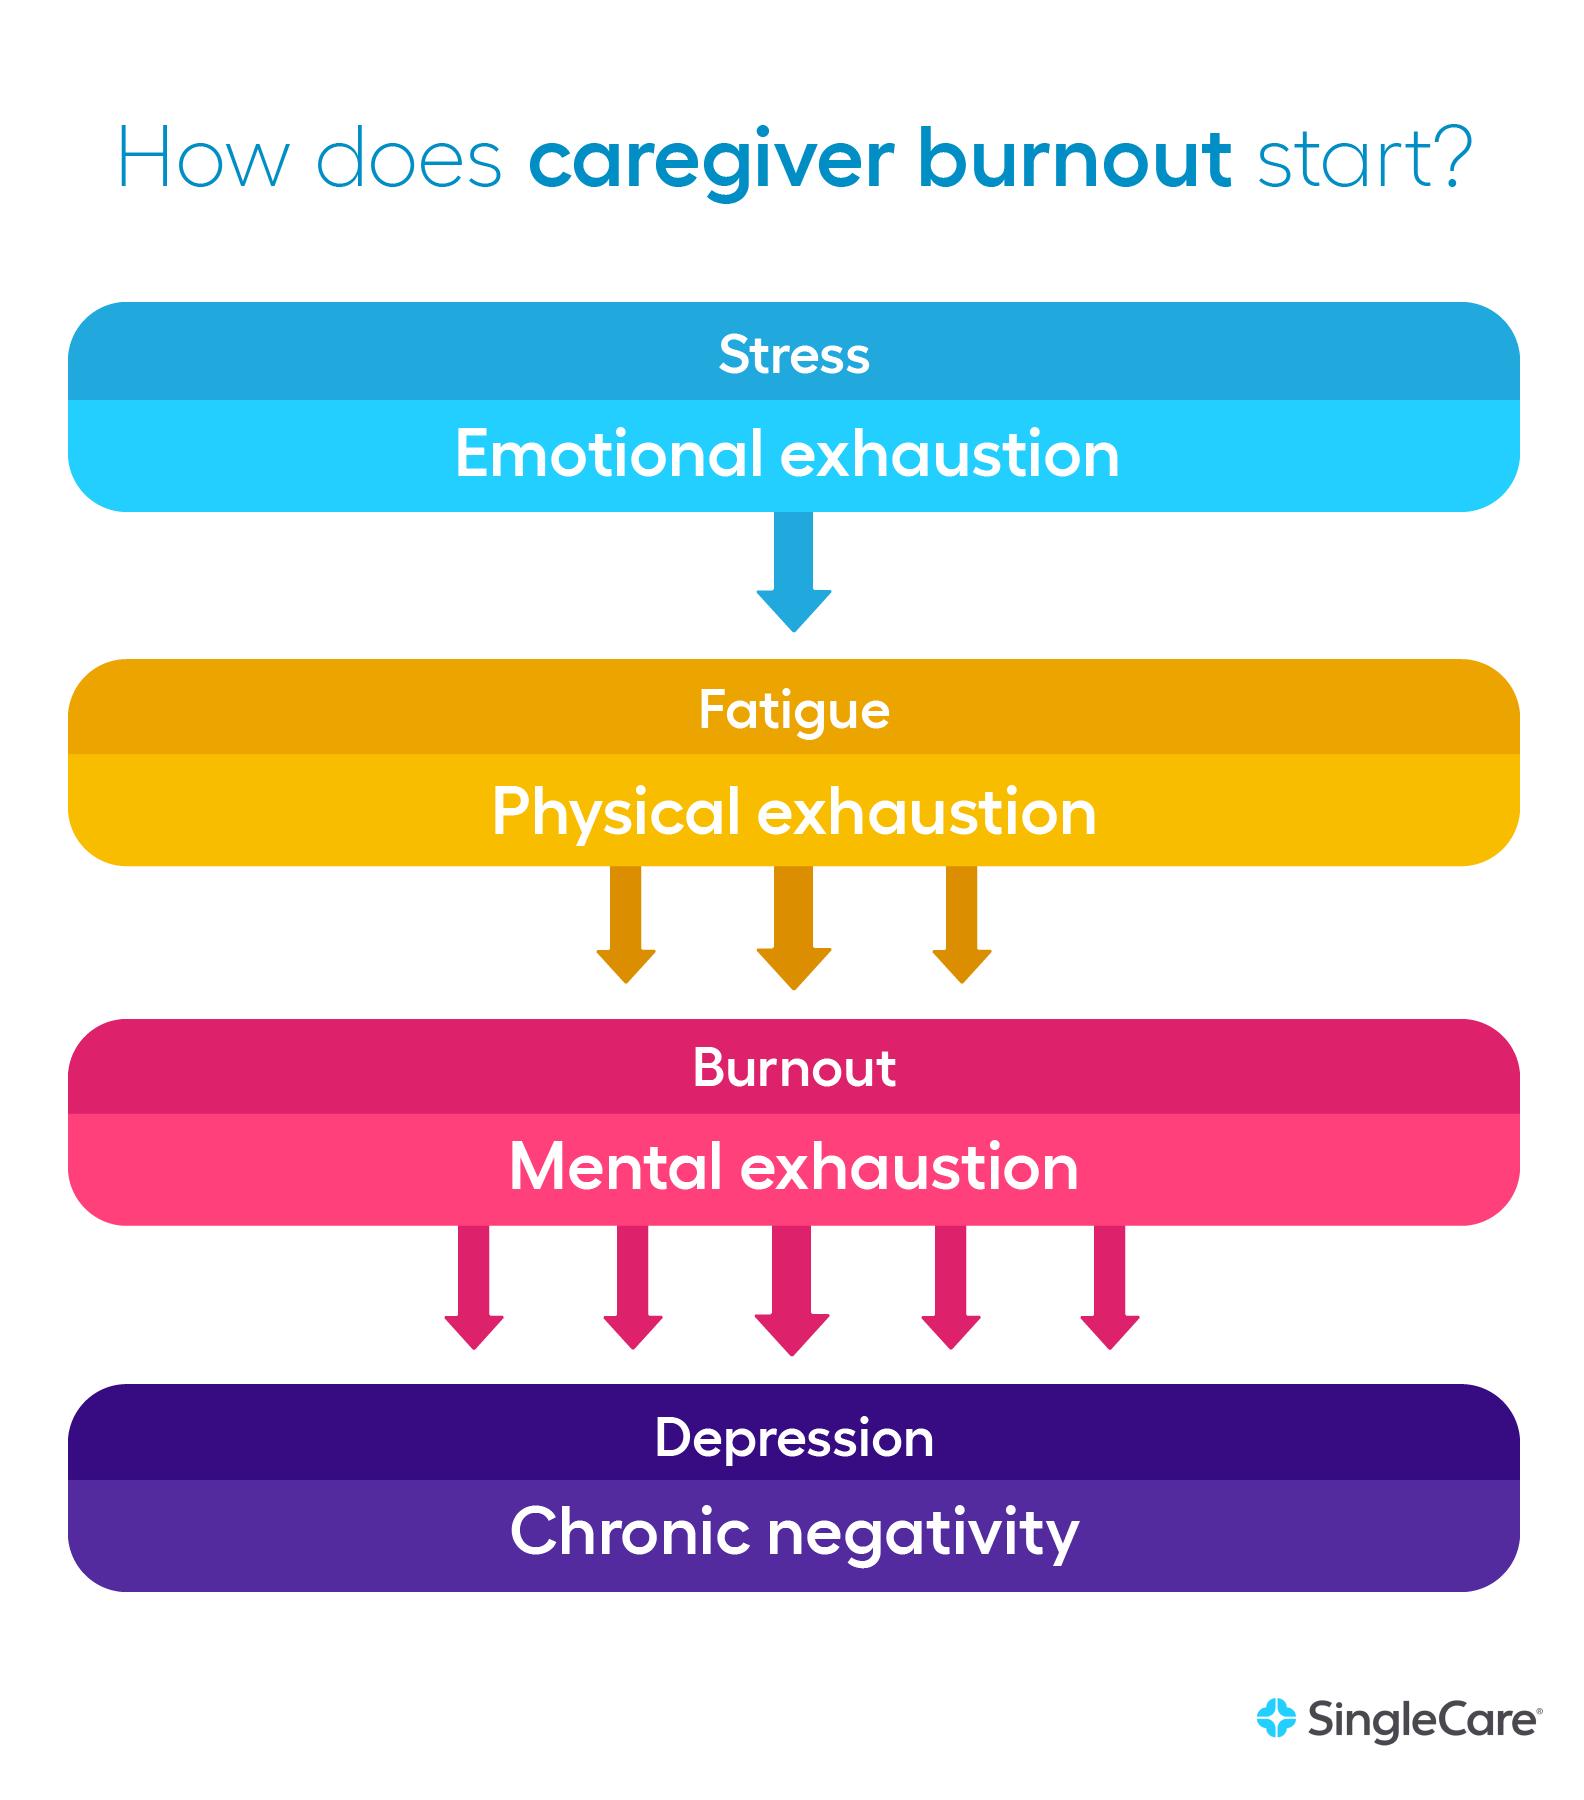 How Does Caregiver Burnout Start?